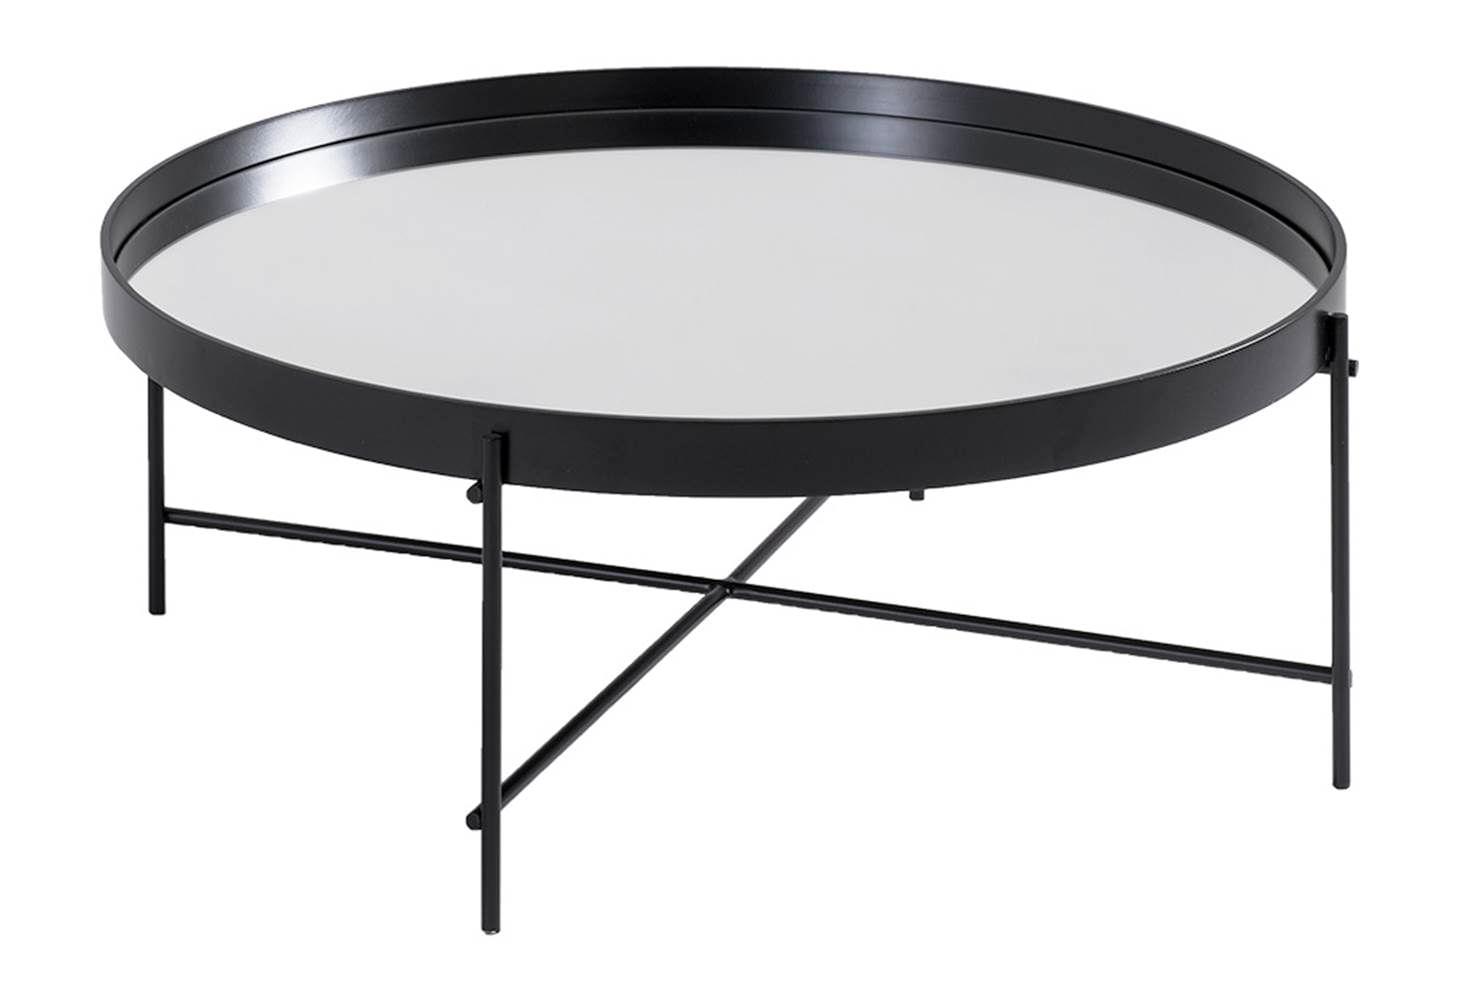 Mesa Centro Volpi Baixa Preta Espelho 78,50 cm (LARG) - 41619